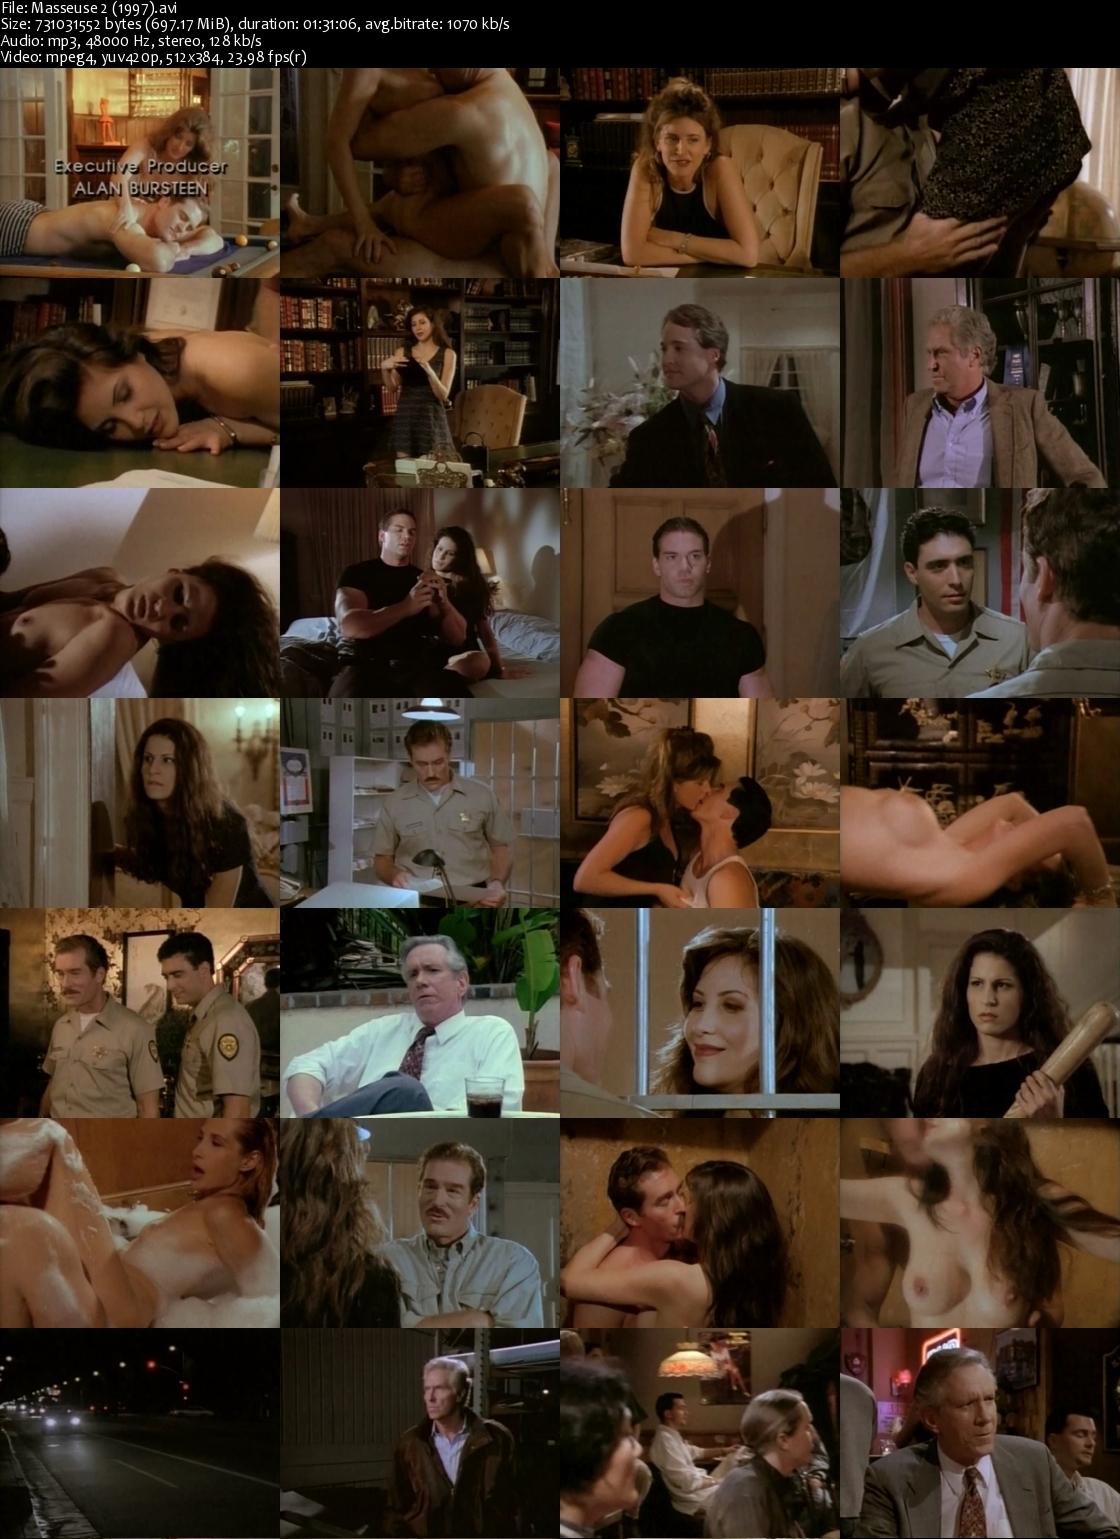 masseuse_2_1997